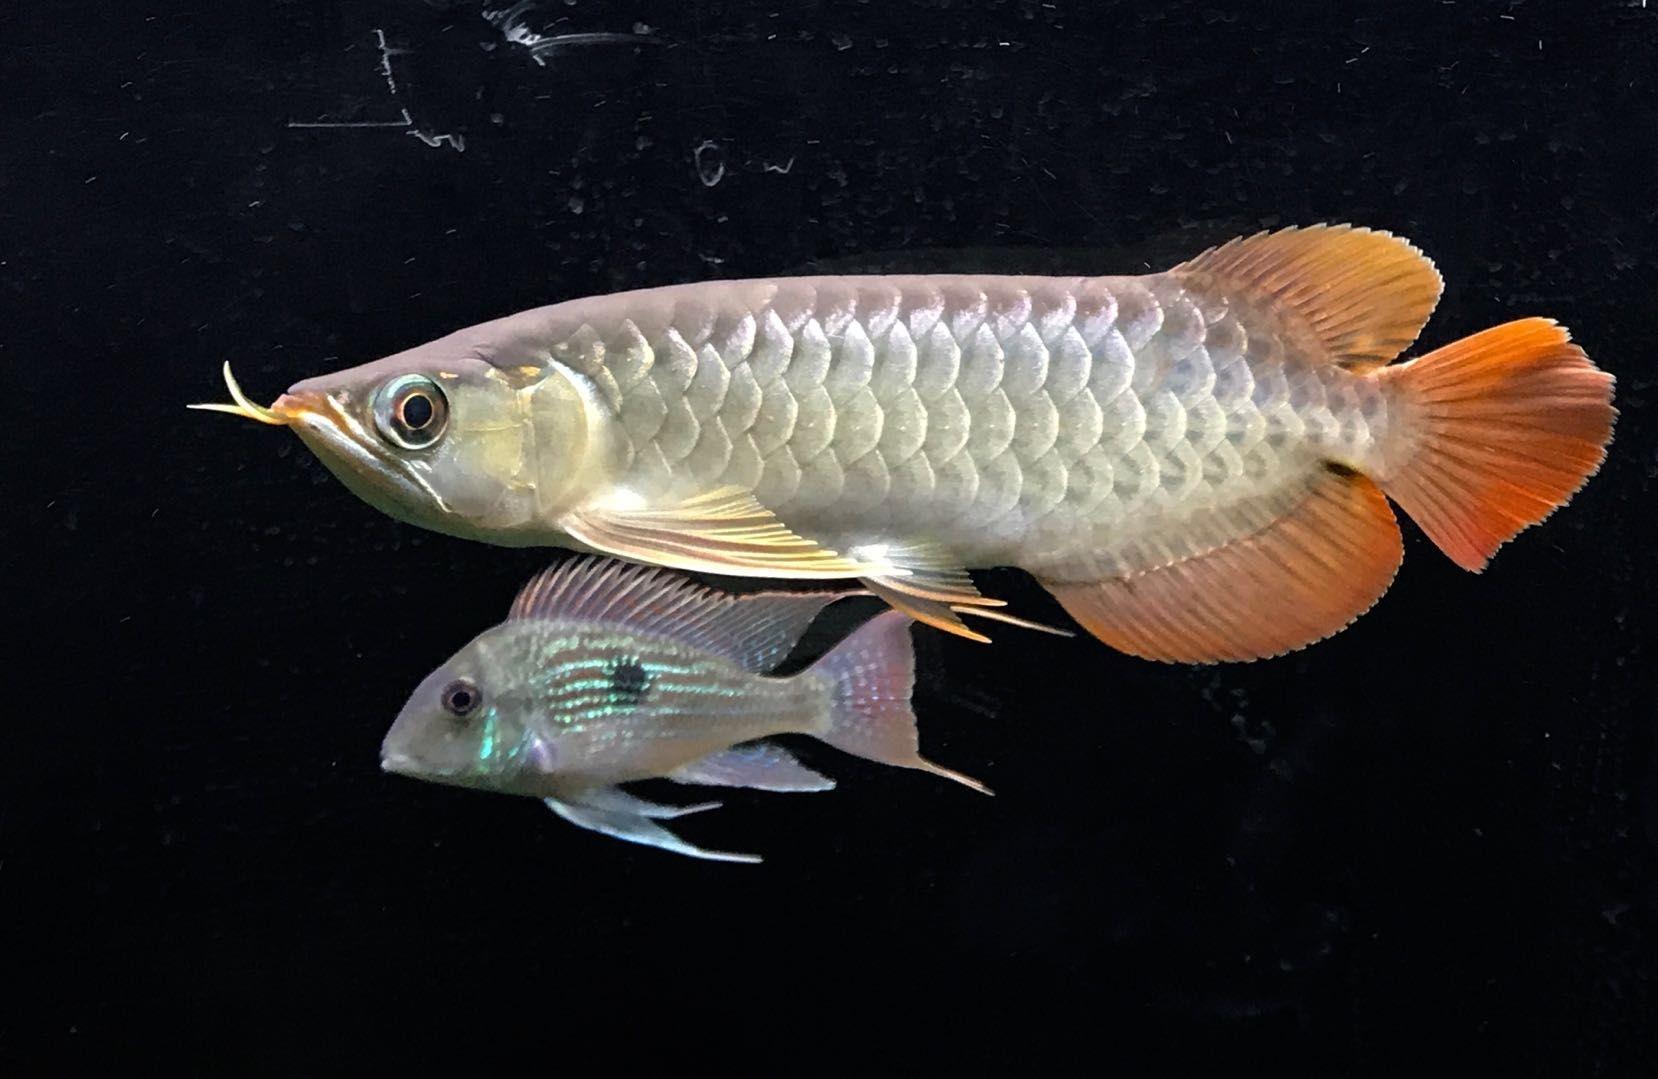 【西安三纹印尼虎苗】小鱼状态不错 西安龙鱼论坛 西安博特第2张